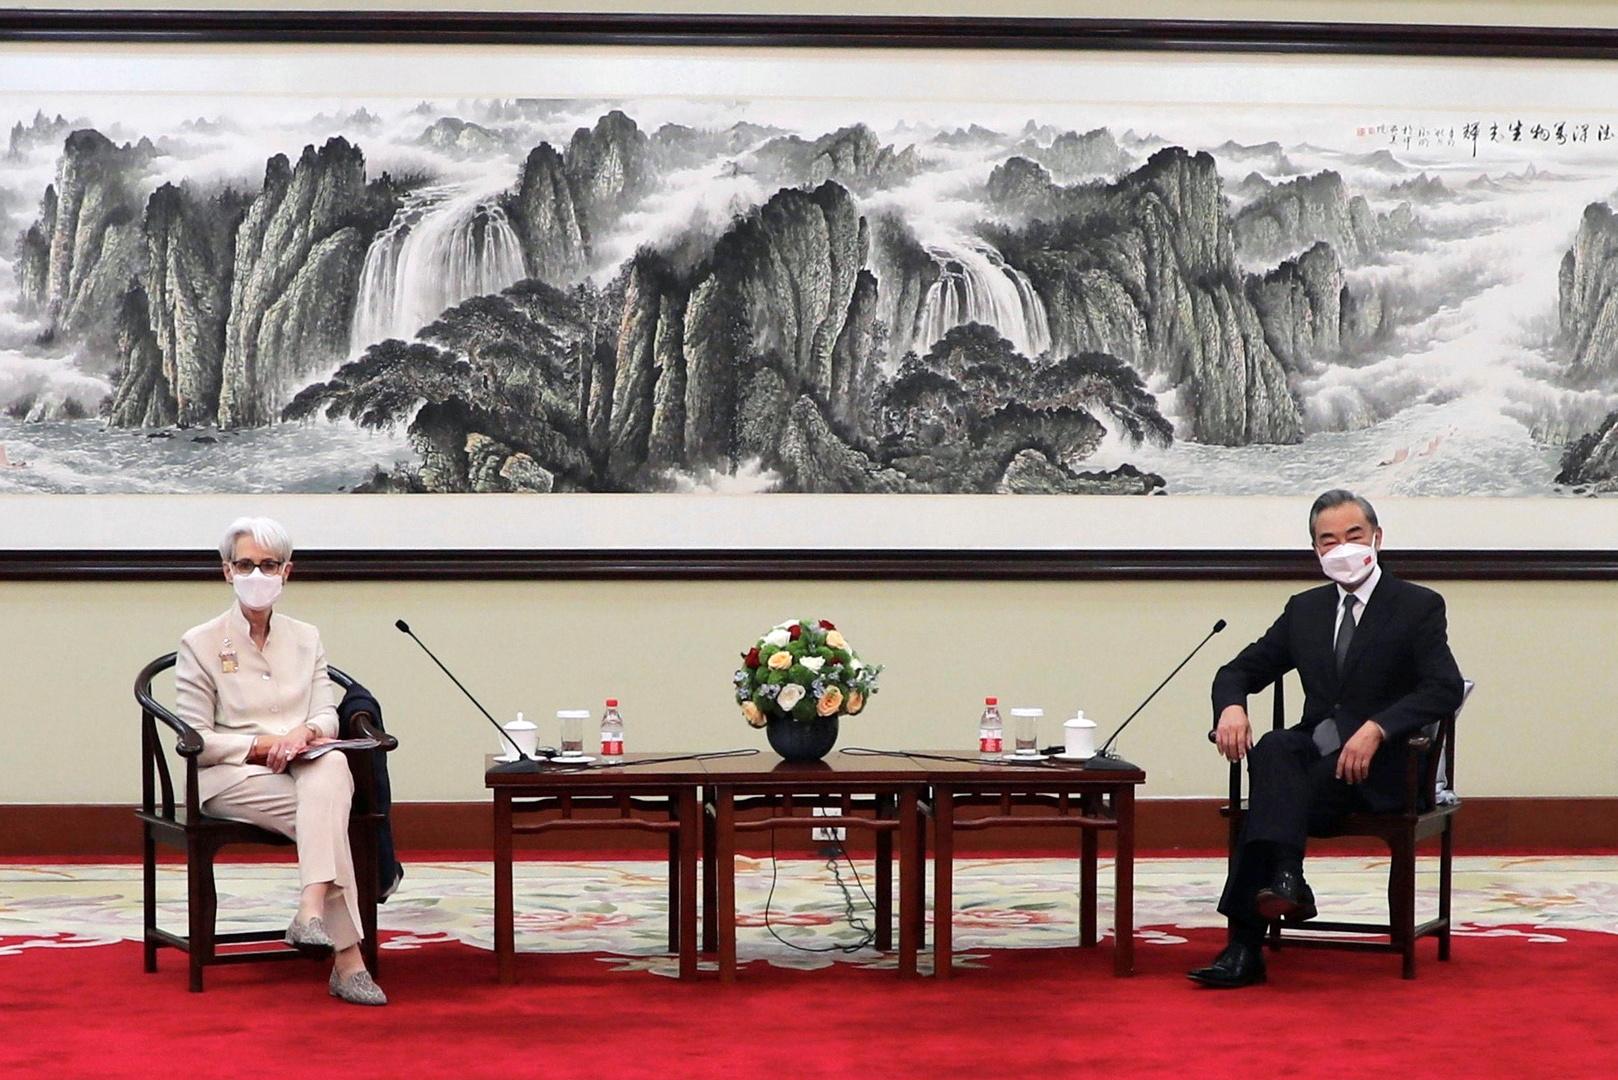 بكين: الخيار متروك للولايات المتحدة لتحسين علاقتها معنا